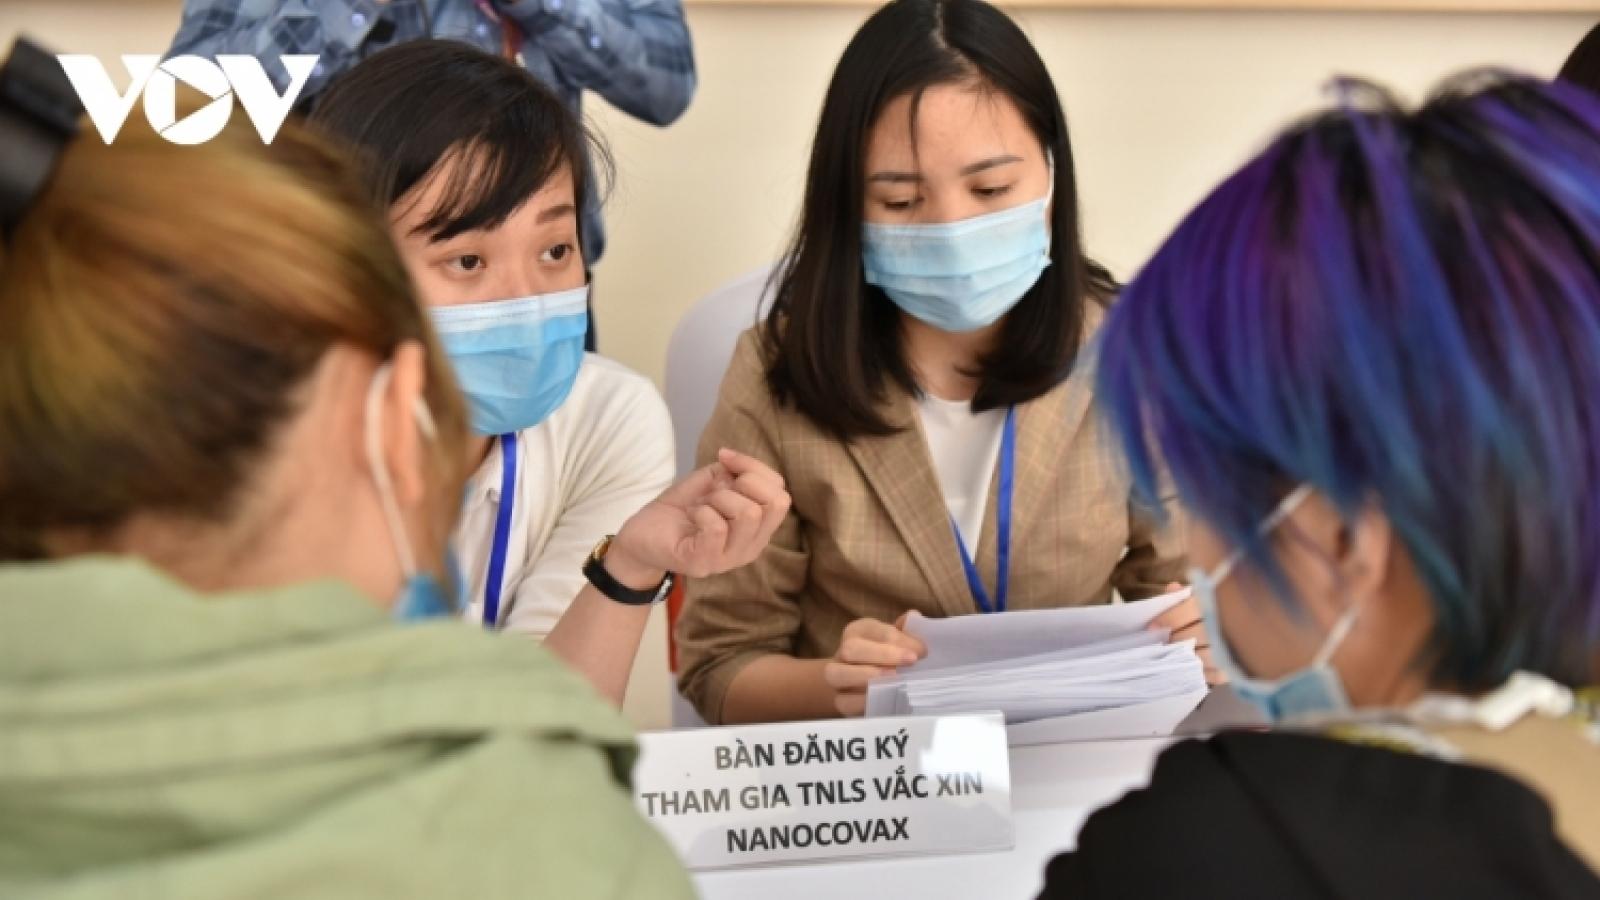 Chỉ đạo về phân bổ, tổ chức tiêm vaccine COVID-19 tại khu vực TPHCM